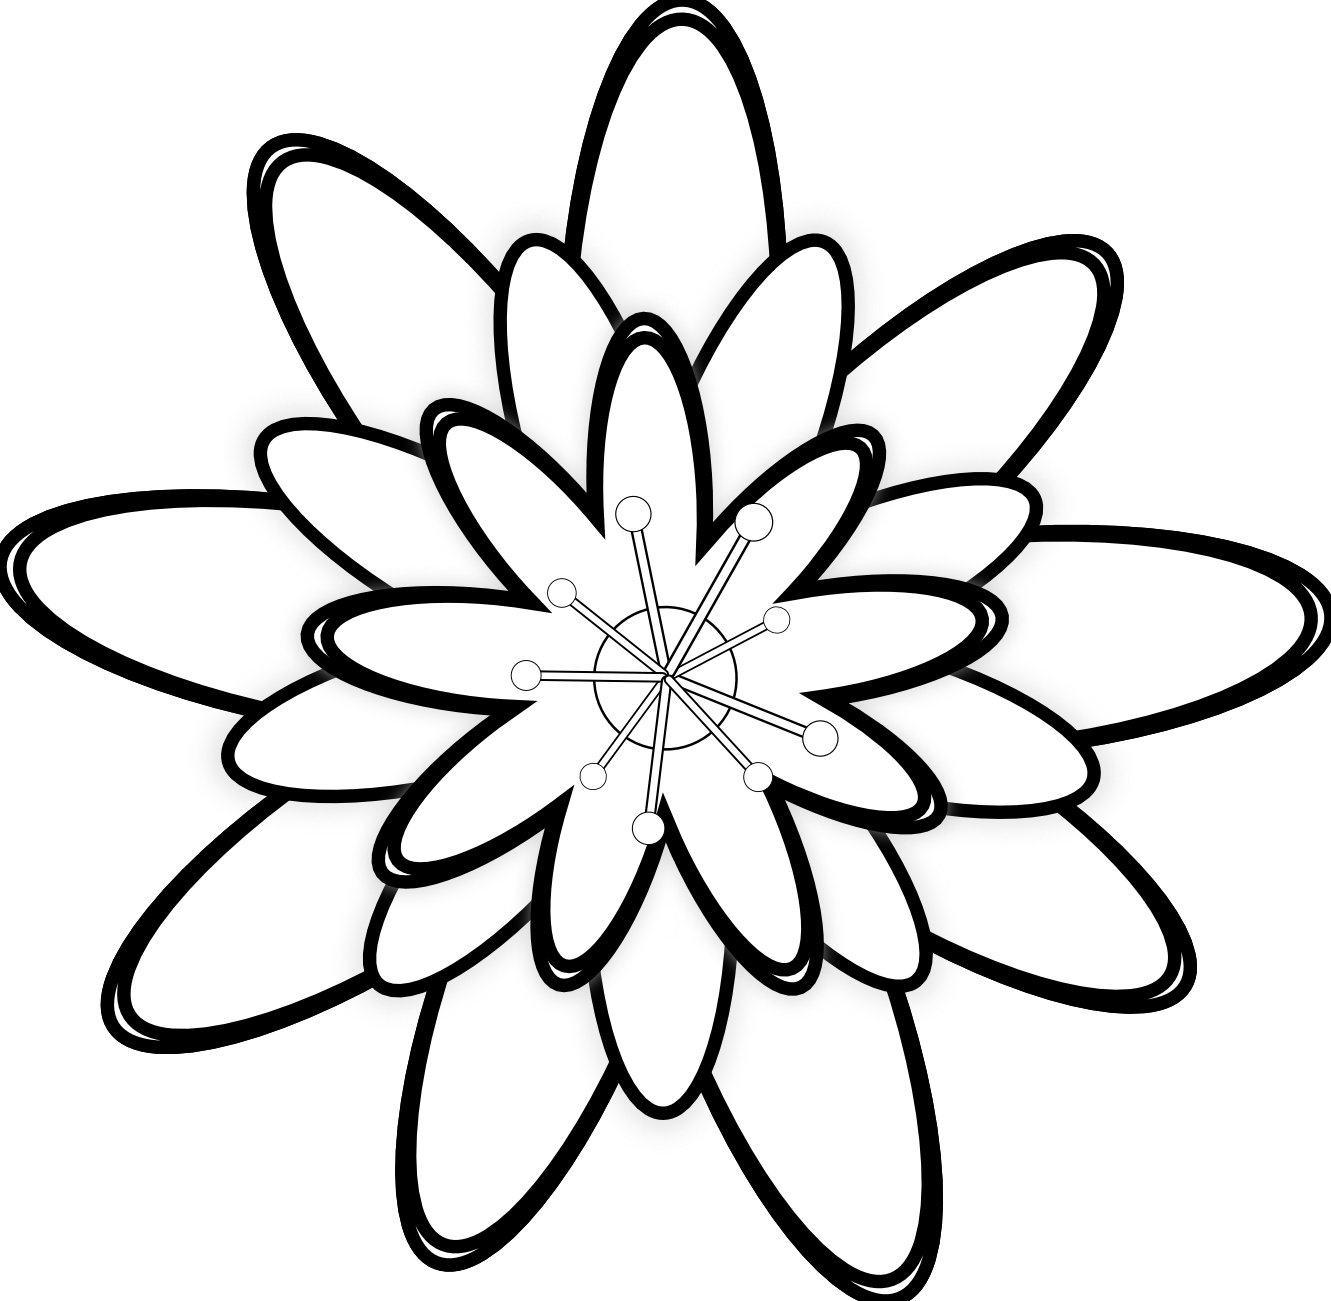 46 Gambar Hitam Putih Taman Bunga